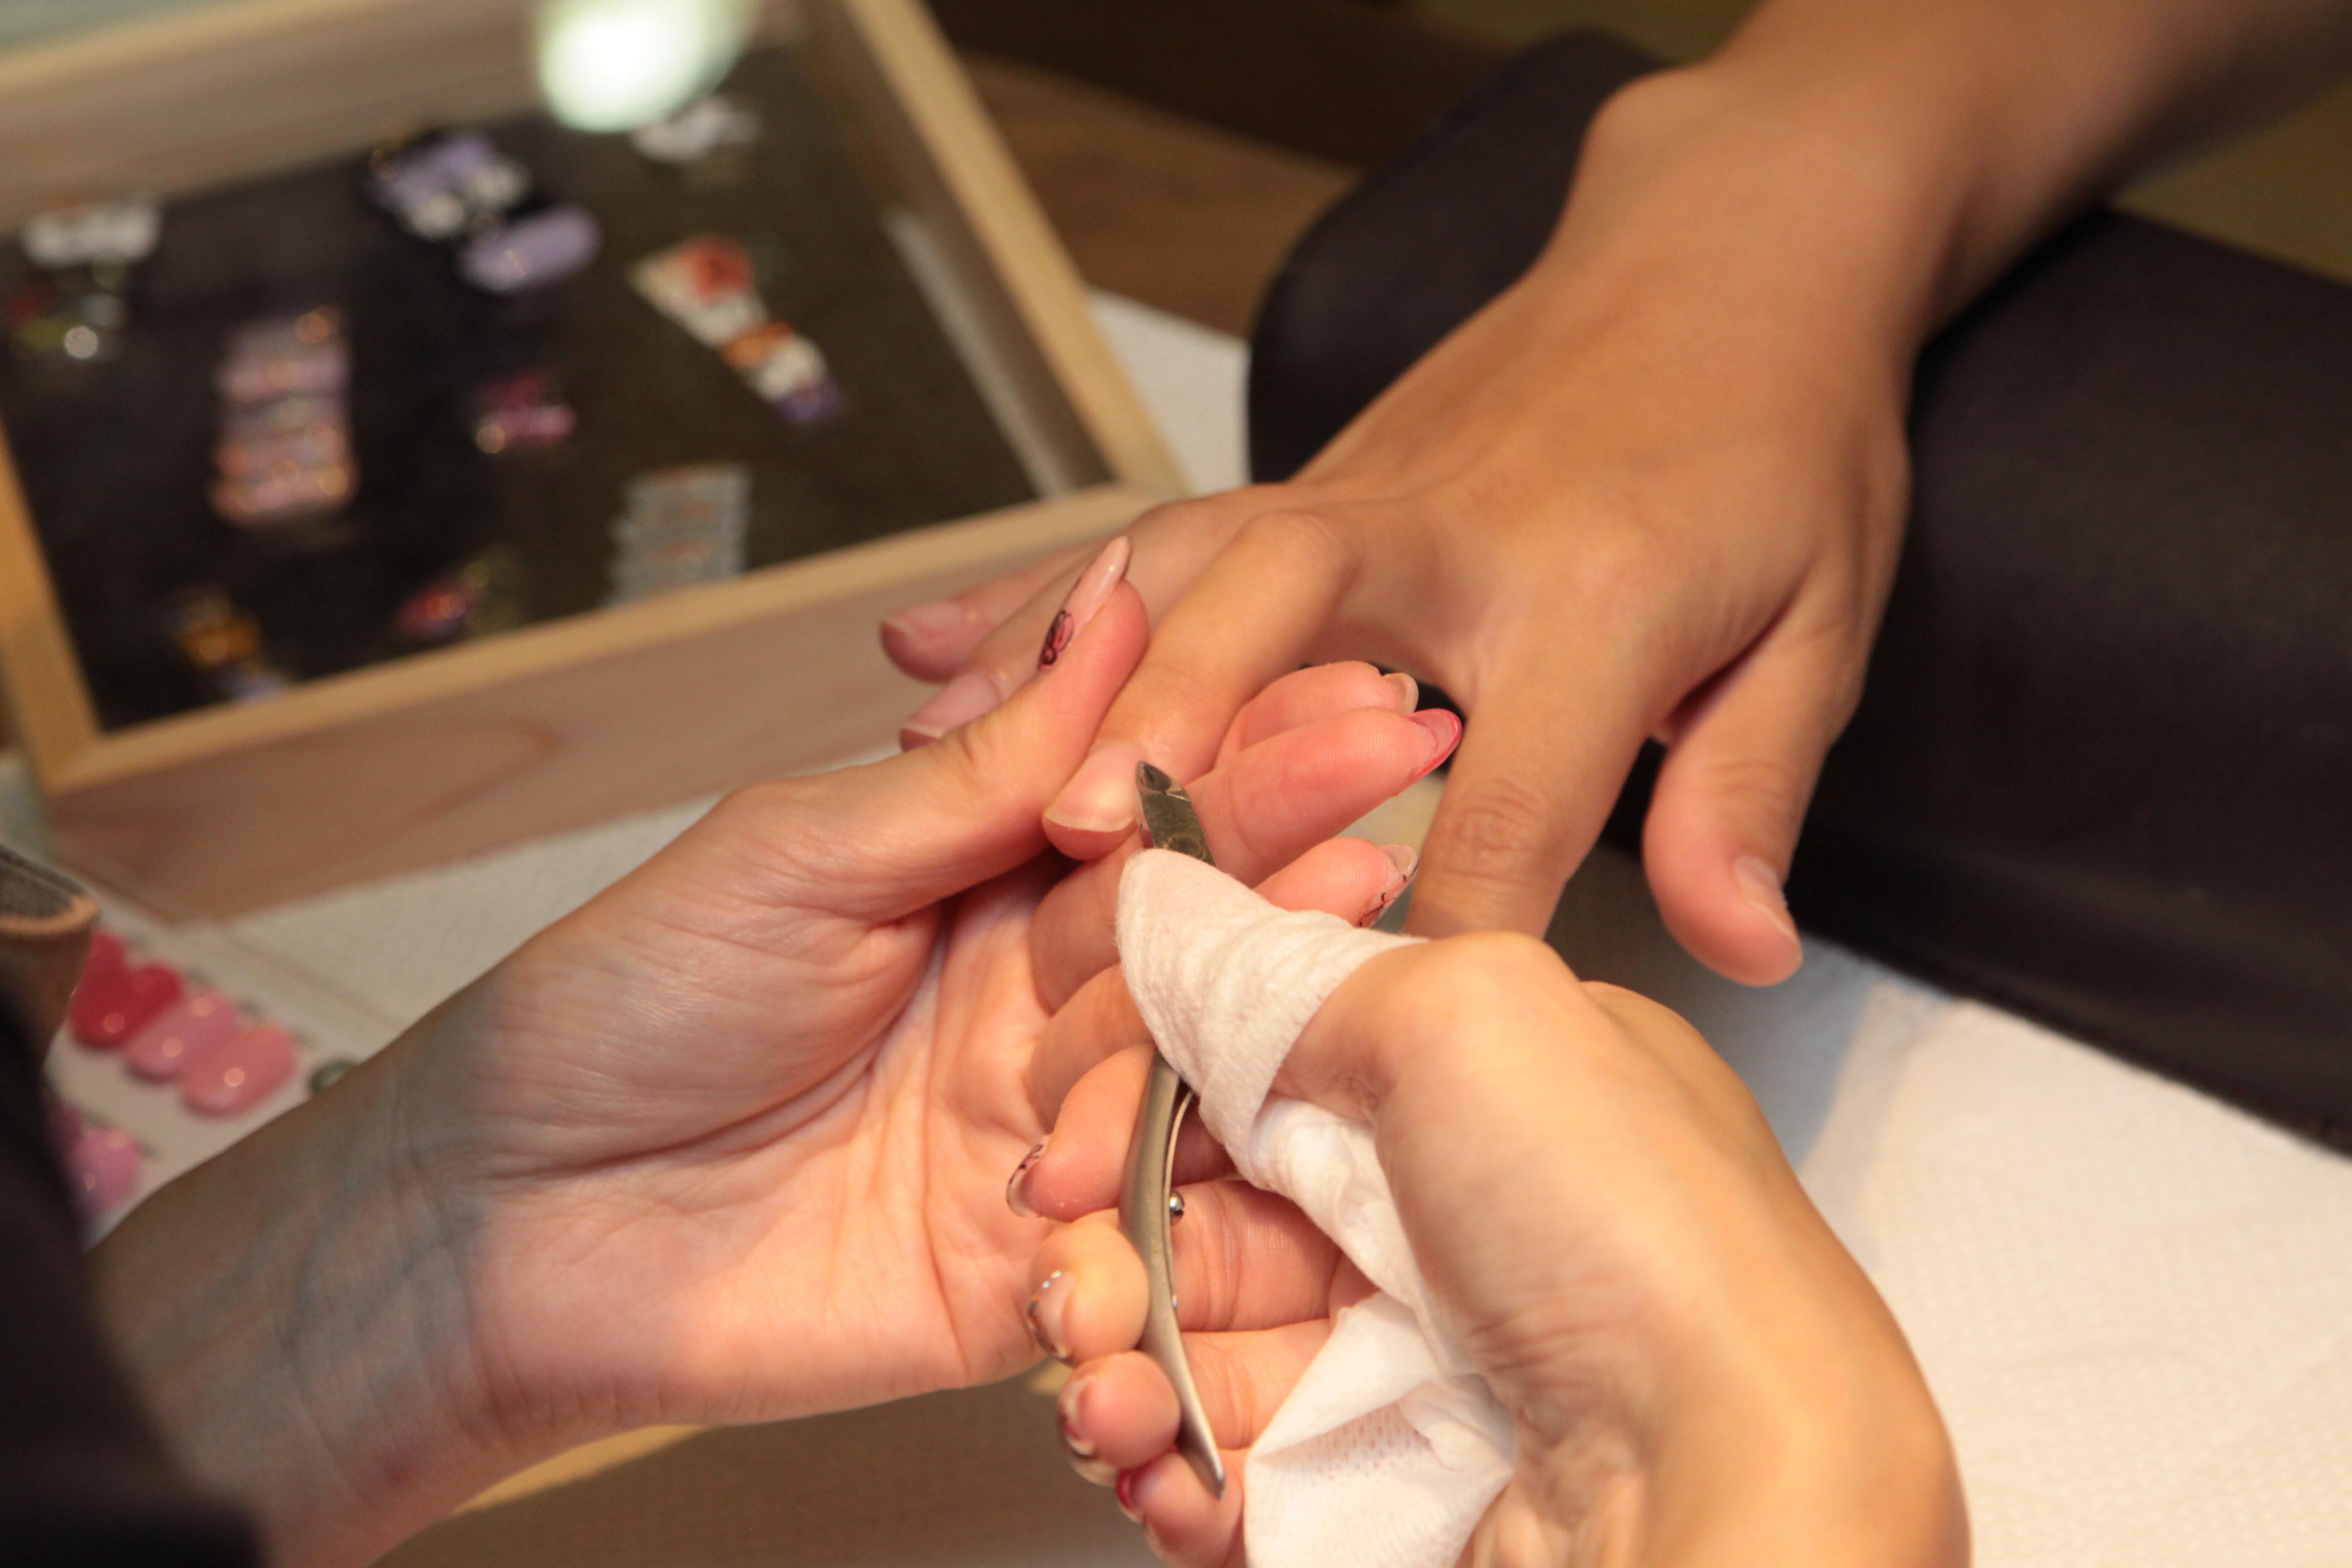 深爪もみるみるうちにキレイに!松坂屋南館「ネイルステーション」でジェルネイルを体験 - IMG 1599